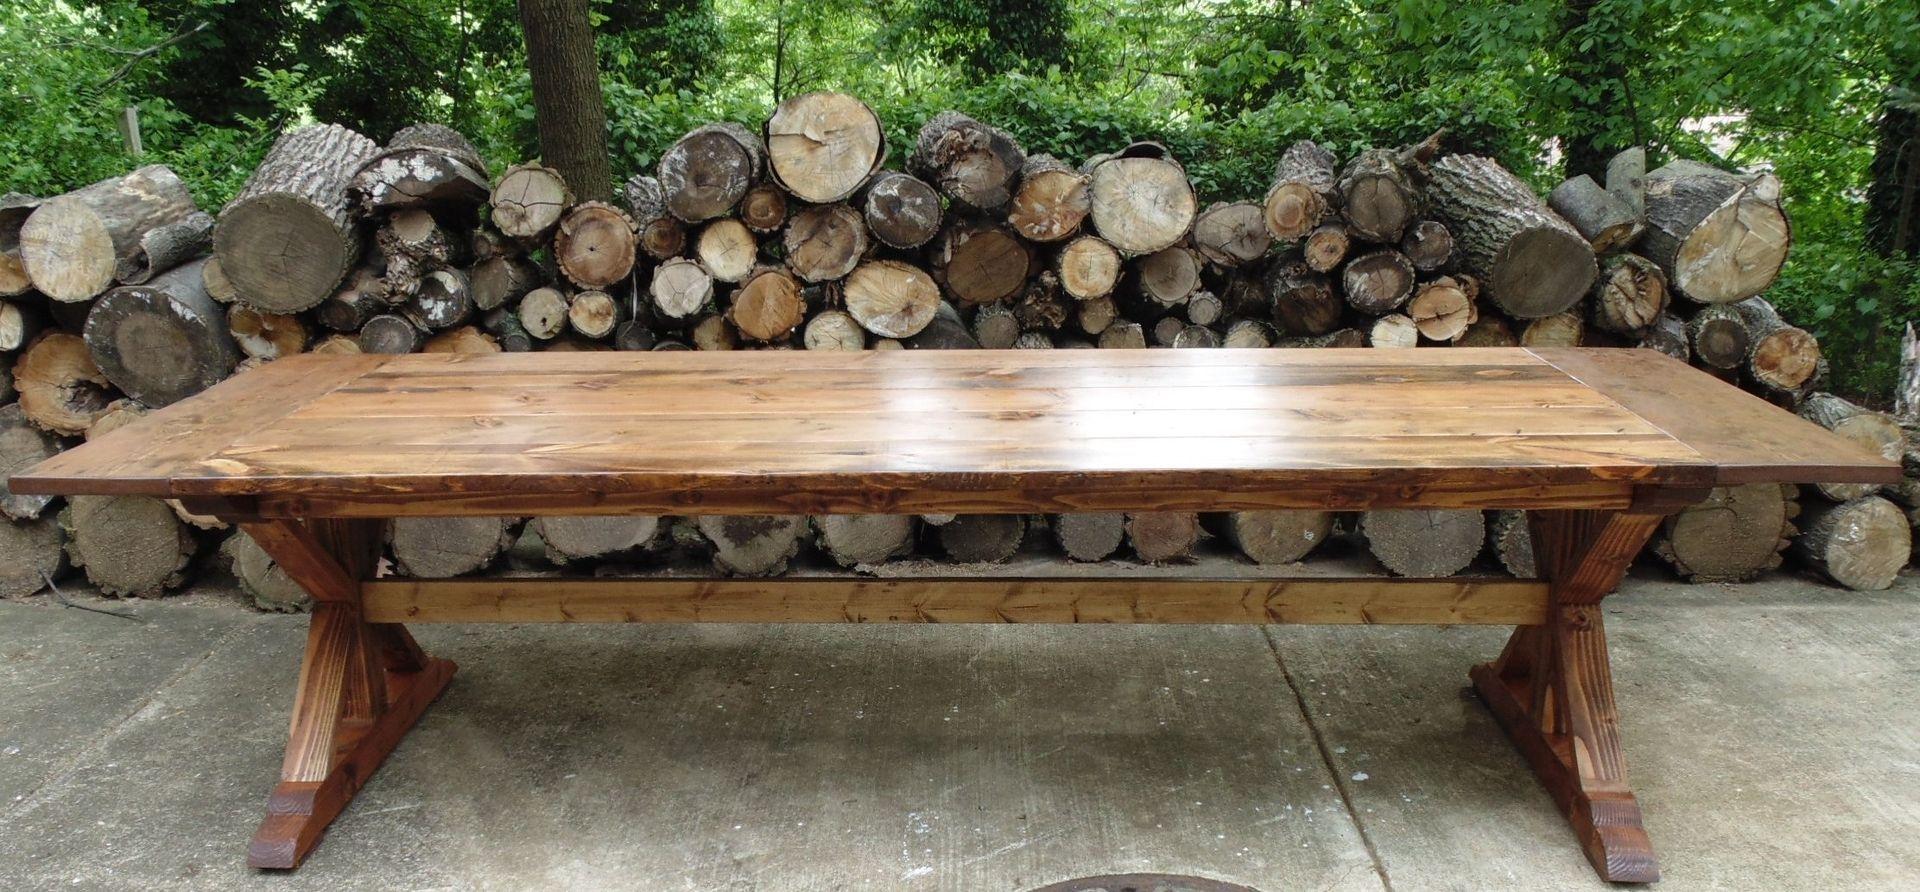 Handmade Reclaimed Wood Trestle-X Style Farmhouse Table By